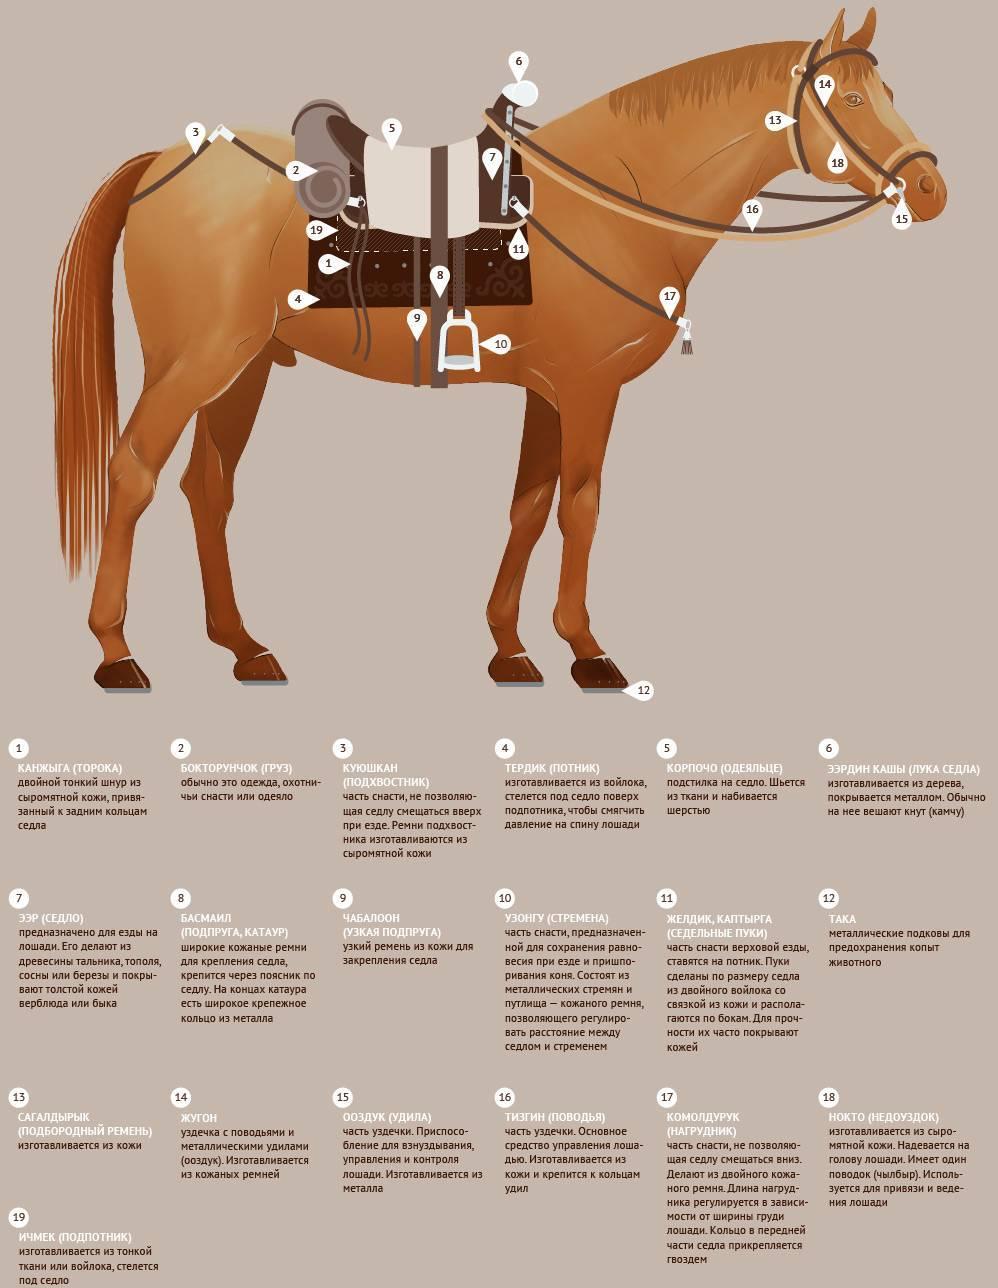 О седлах для лошадей: как правильно седлать лошадь, строение дамского седла